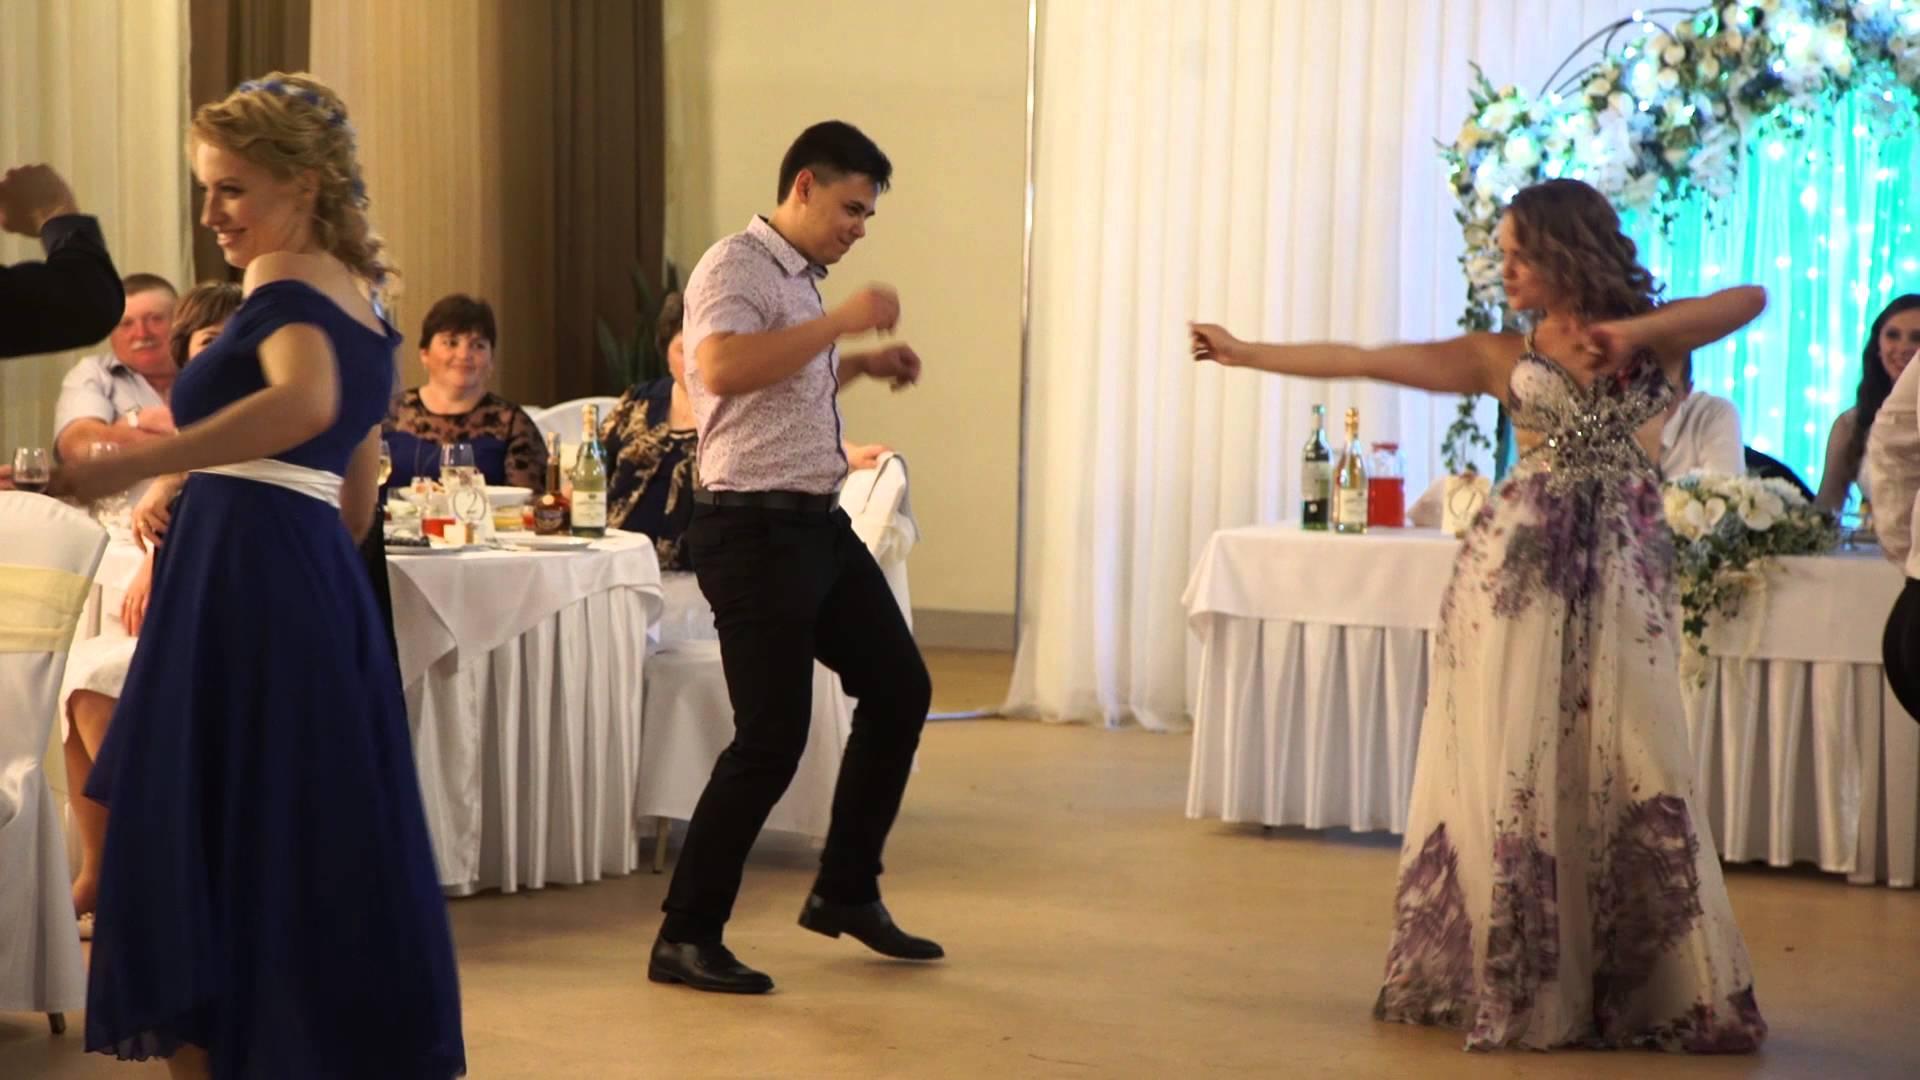 lJ0f6Seroxw - Обязанности и права гостя на свадьбе в Волгограде